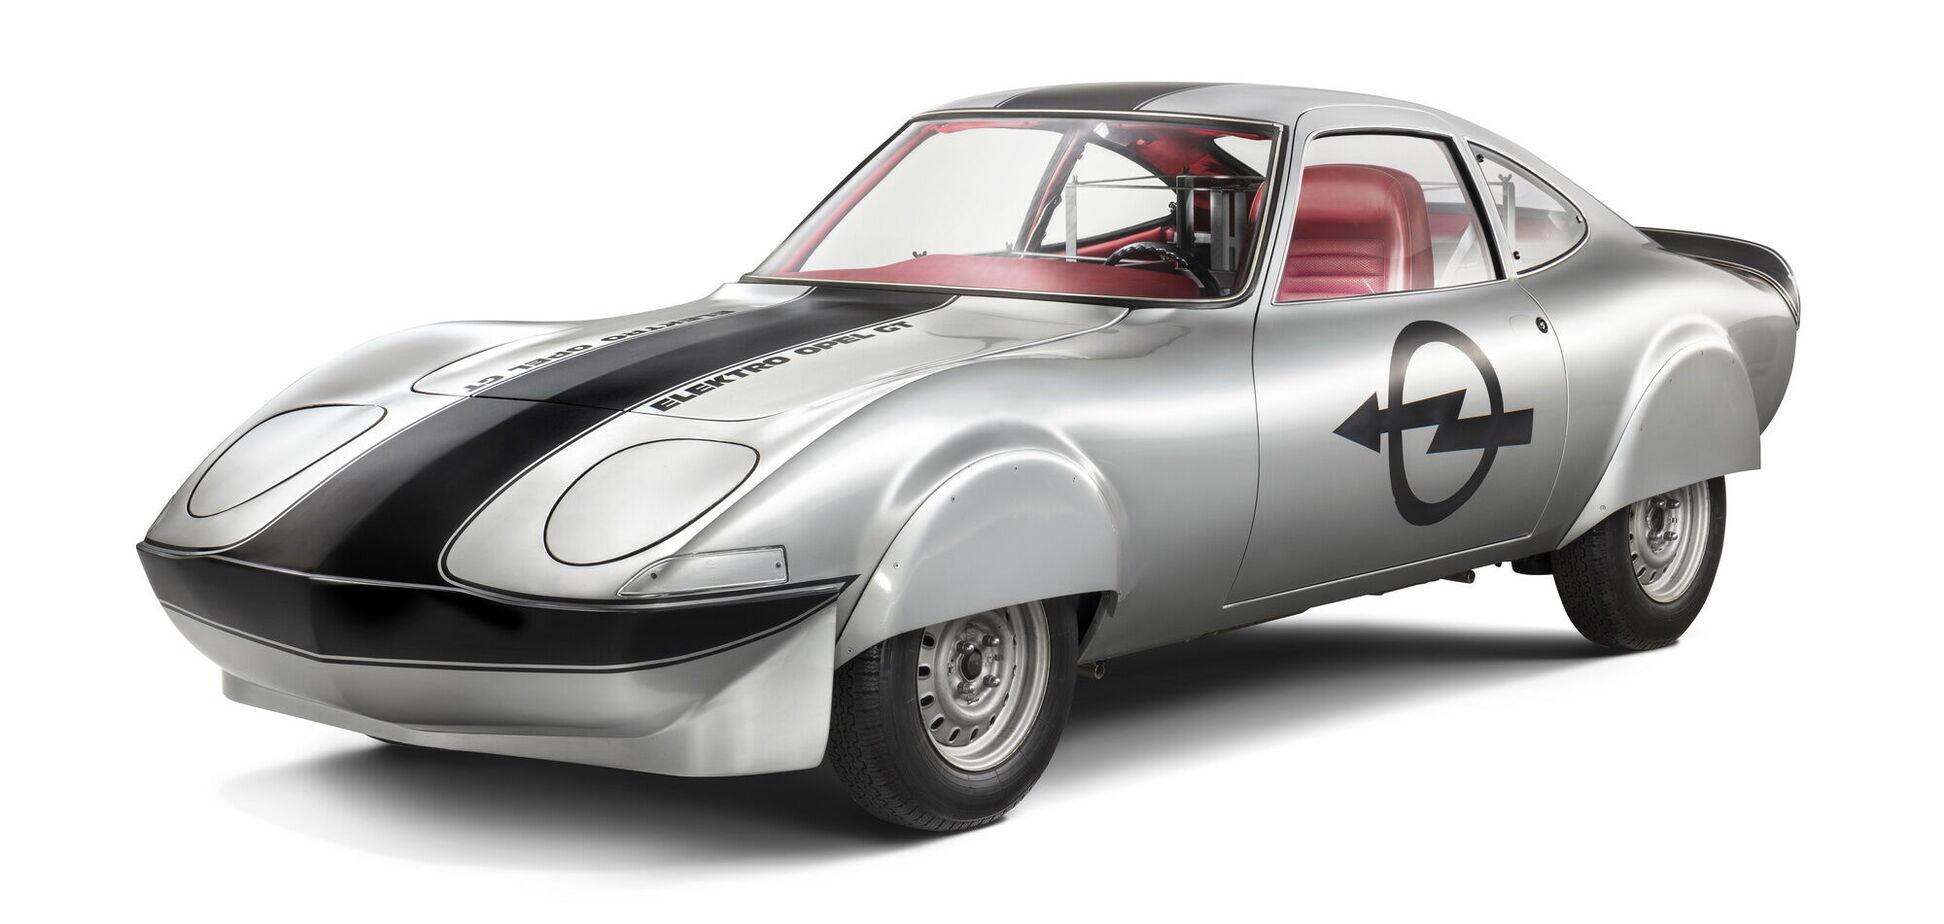 Opel відзначить 50-річний ювілей електричного купе Opel Elektro GT!